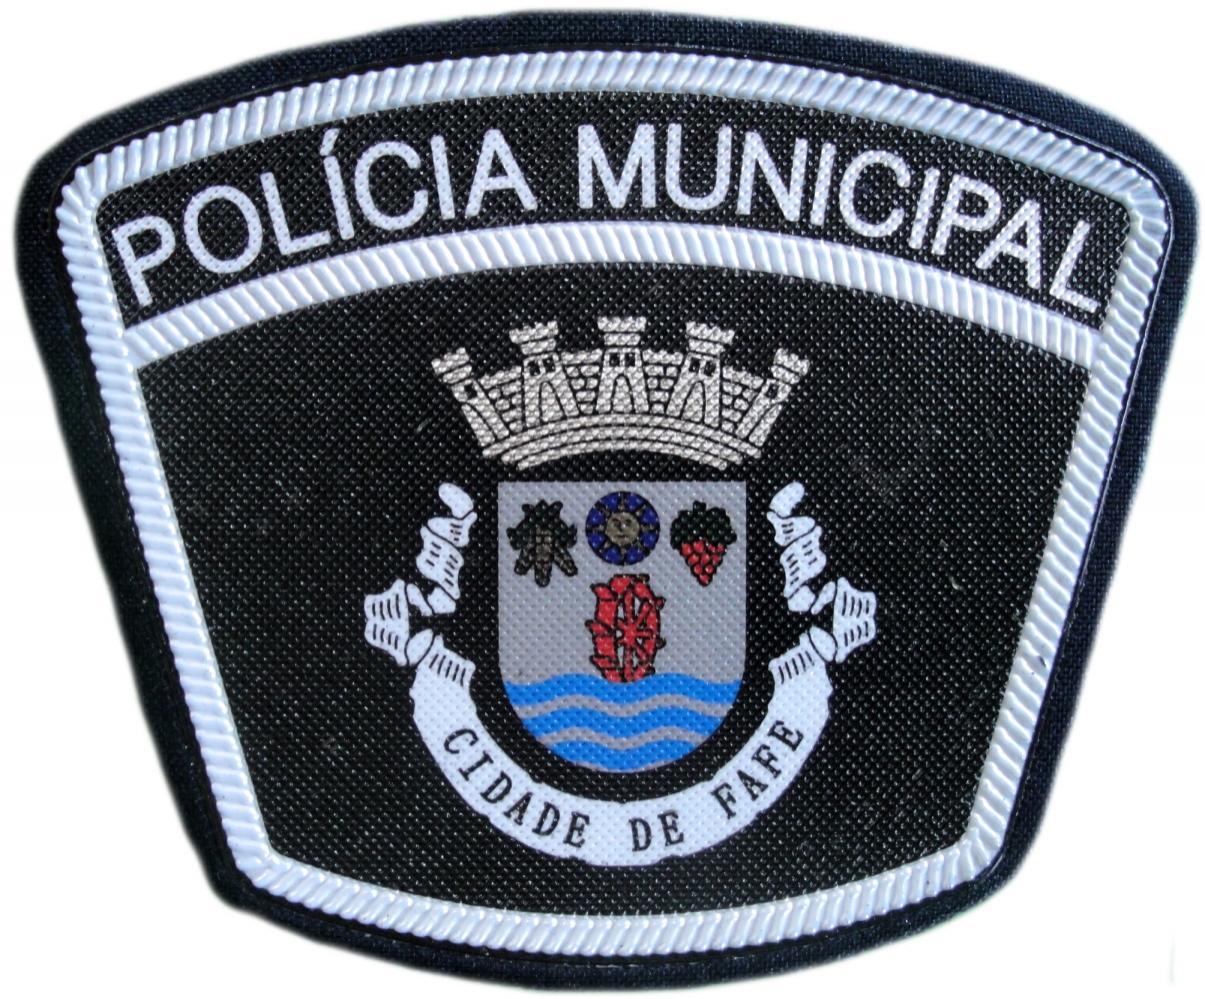 Policía Municipal Ciudad de Fafe Portugal parche insignia emblema distintivo